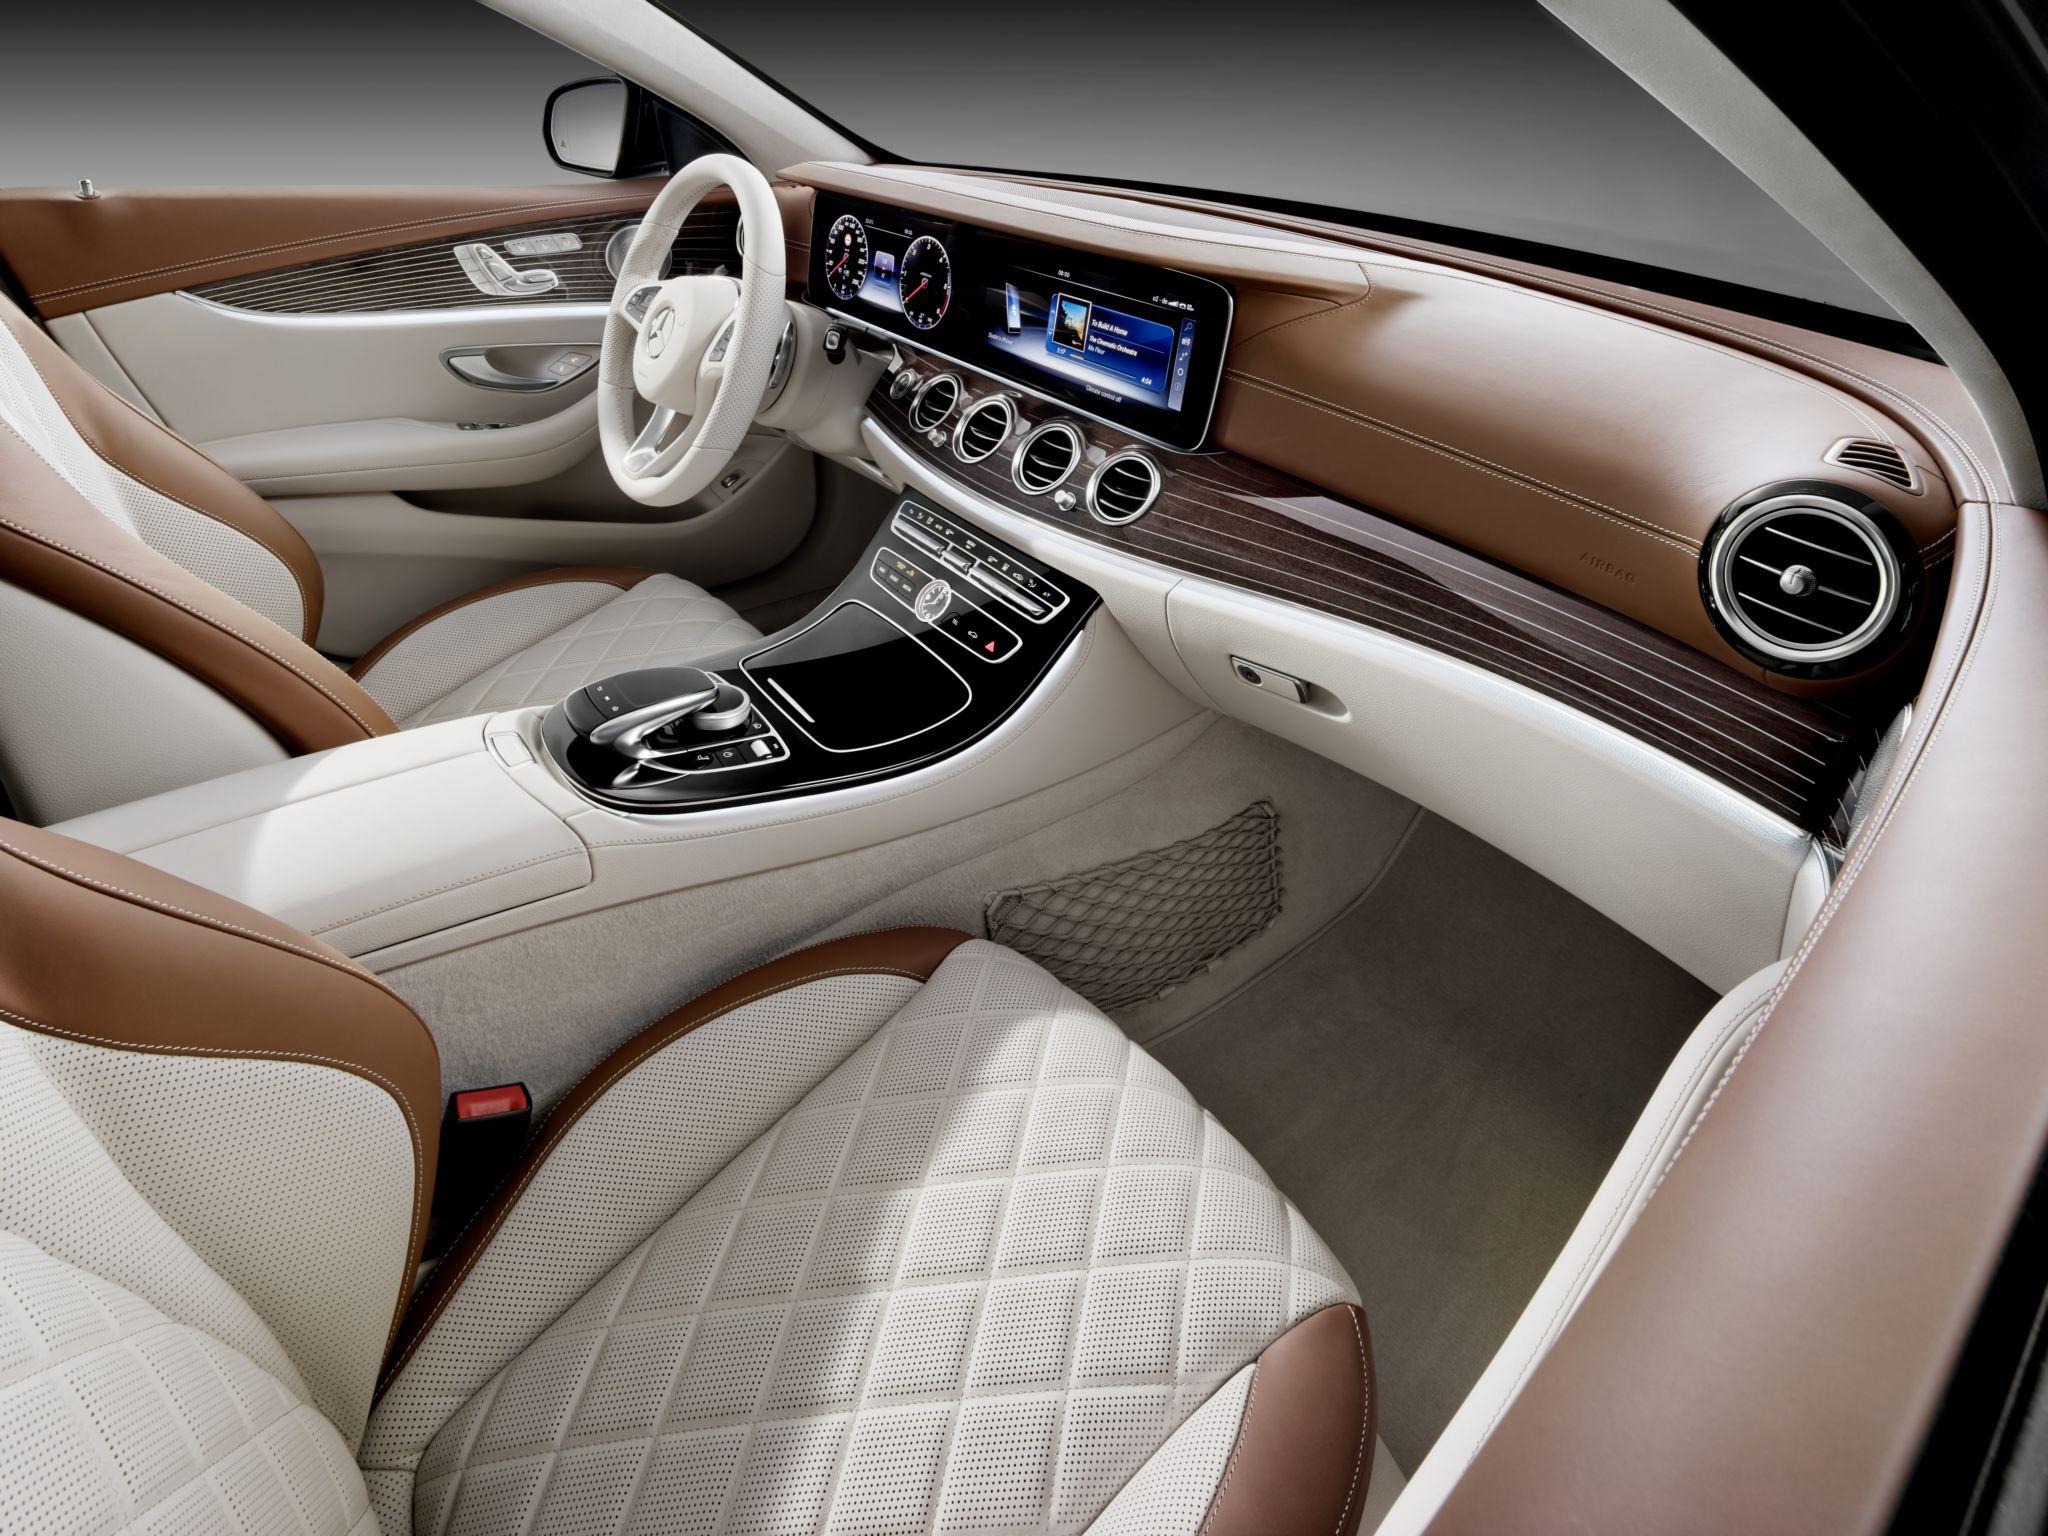 2017 Mercedes-Benz E-Class Estate revealed, 295kW E 43 AMG ...